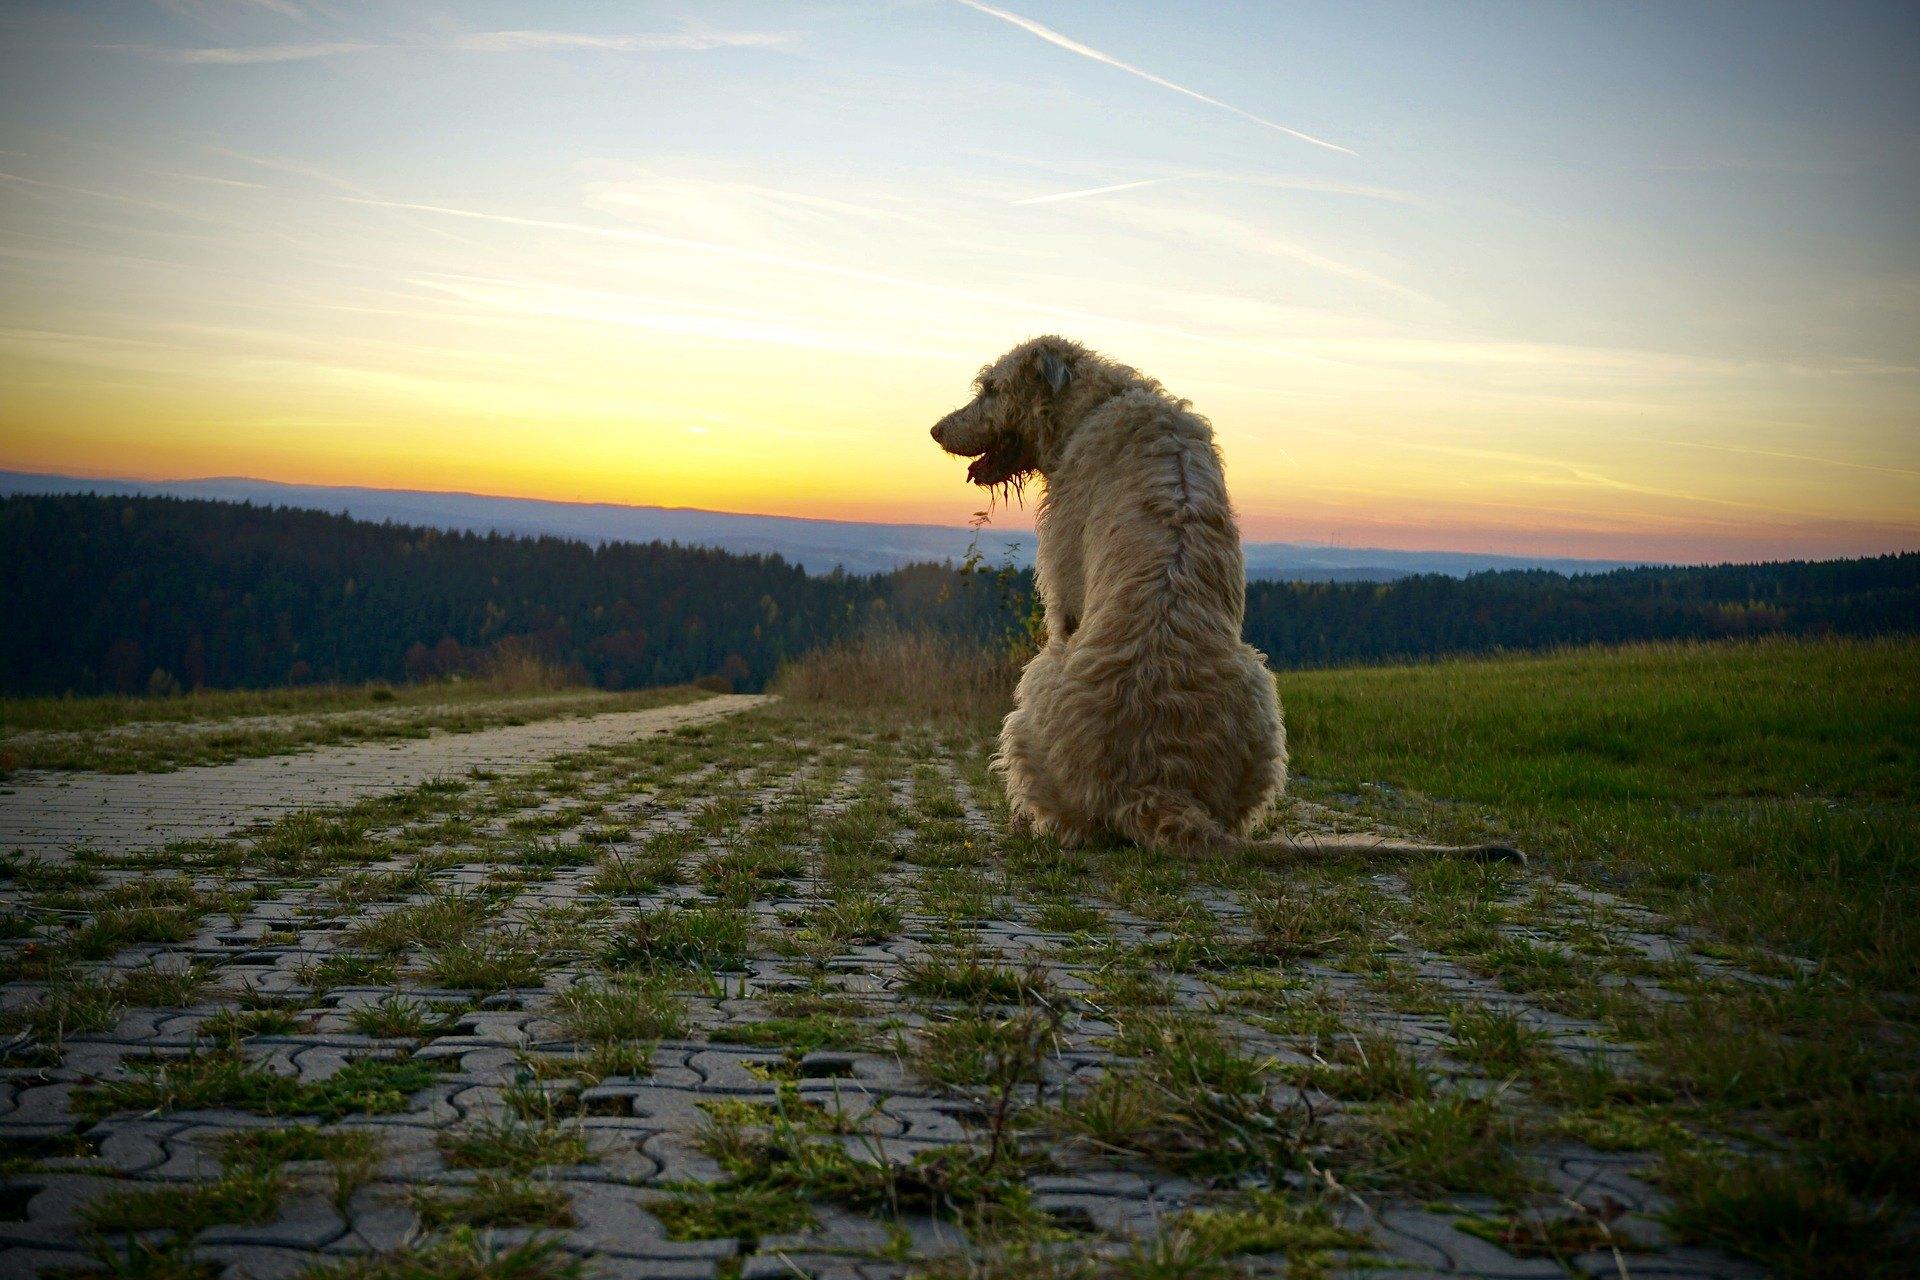 Írsky vlkodav, napriek tomu, že je to silný a elegantný pes, sa vyznačuje citlivosťou a oddanosťou.